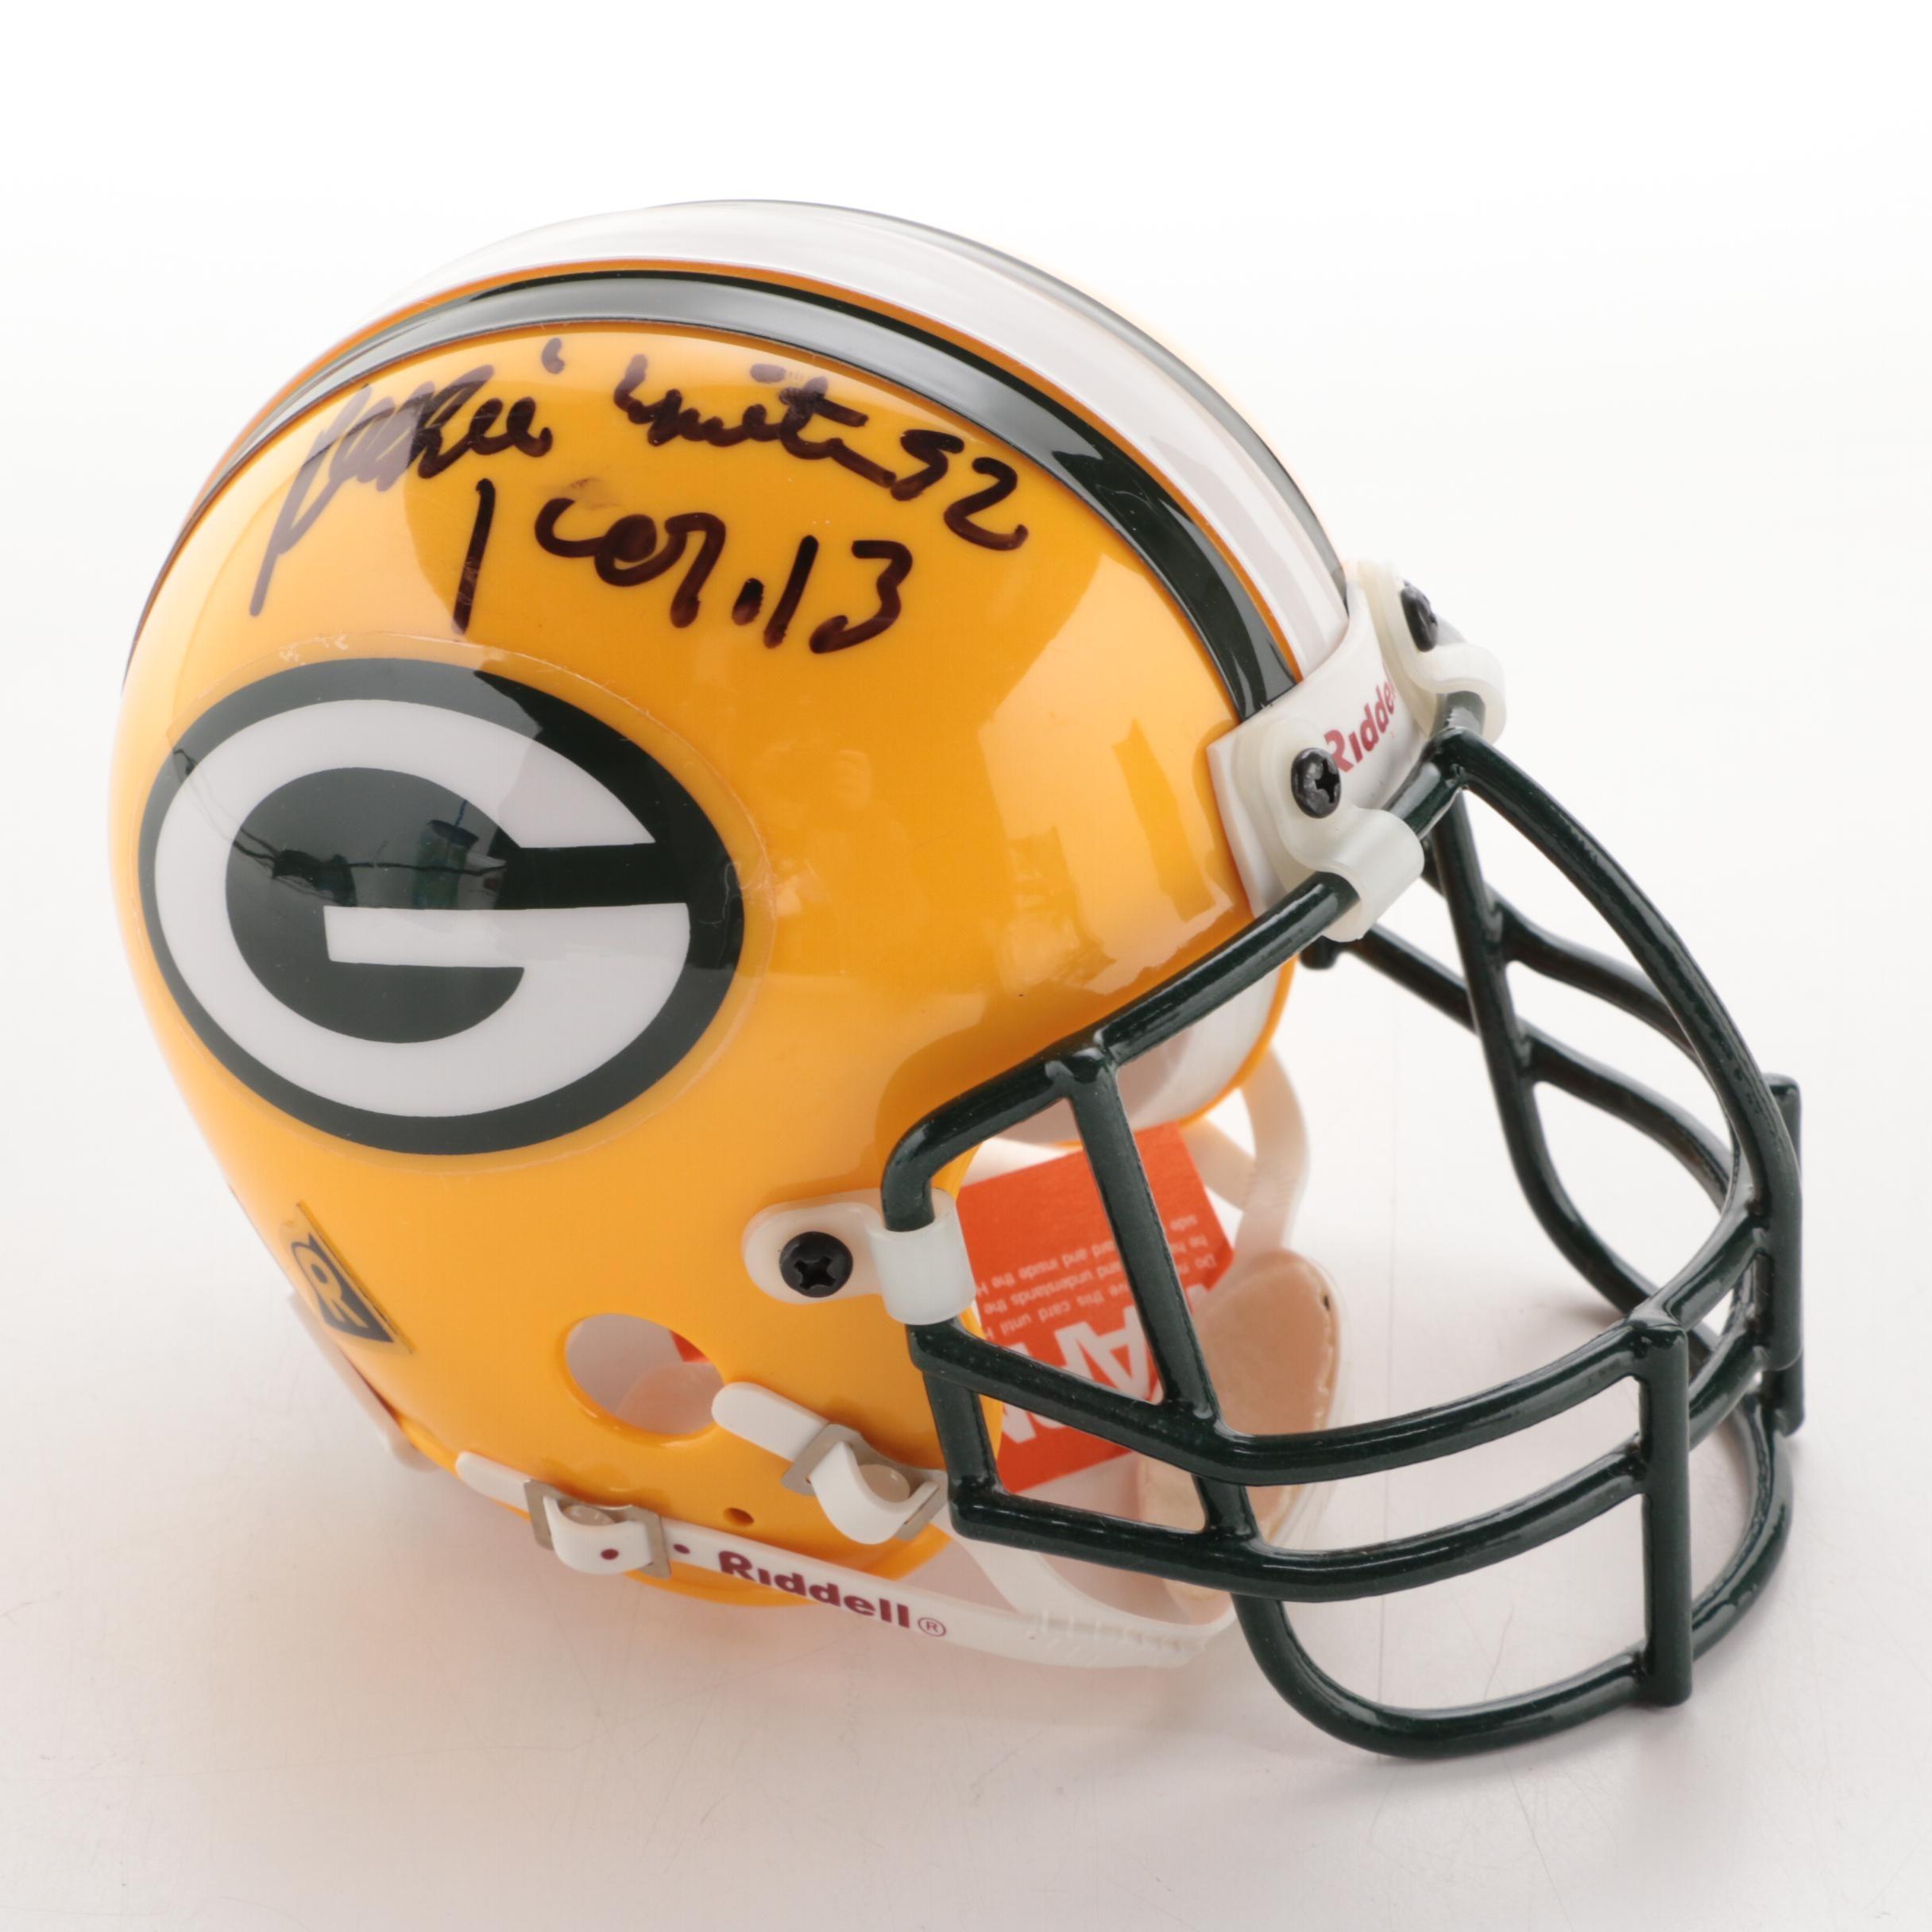 Reggie White Signed Green Bay Packers Mini Helmet  COA